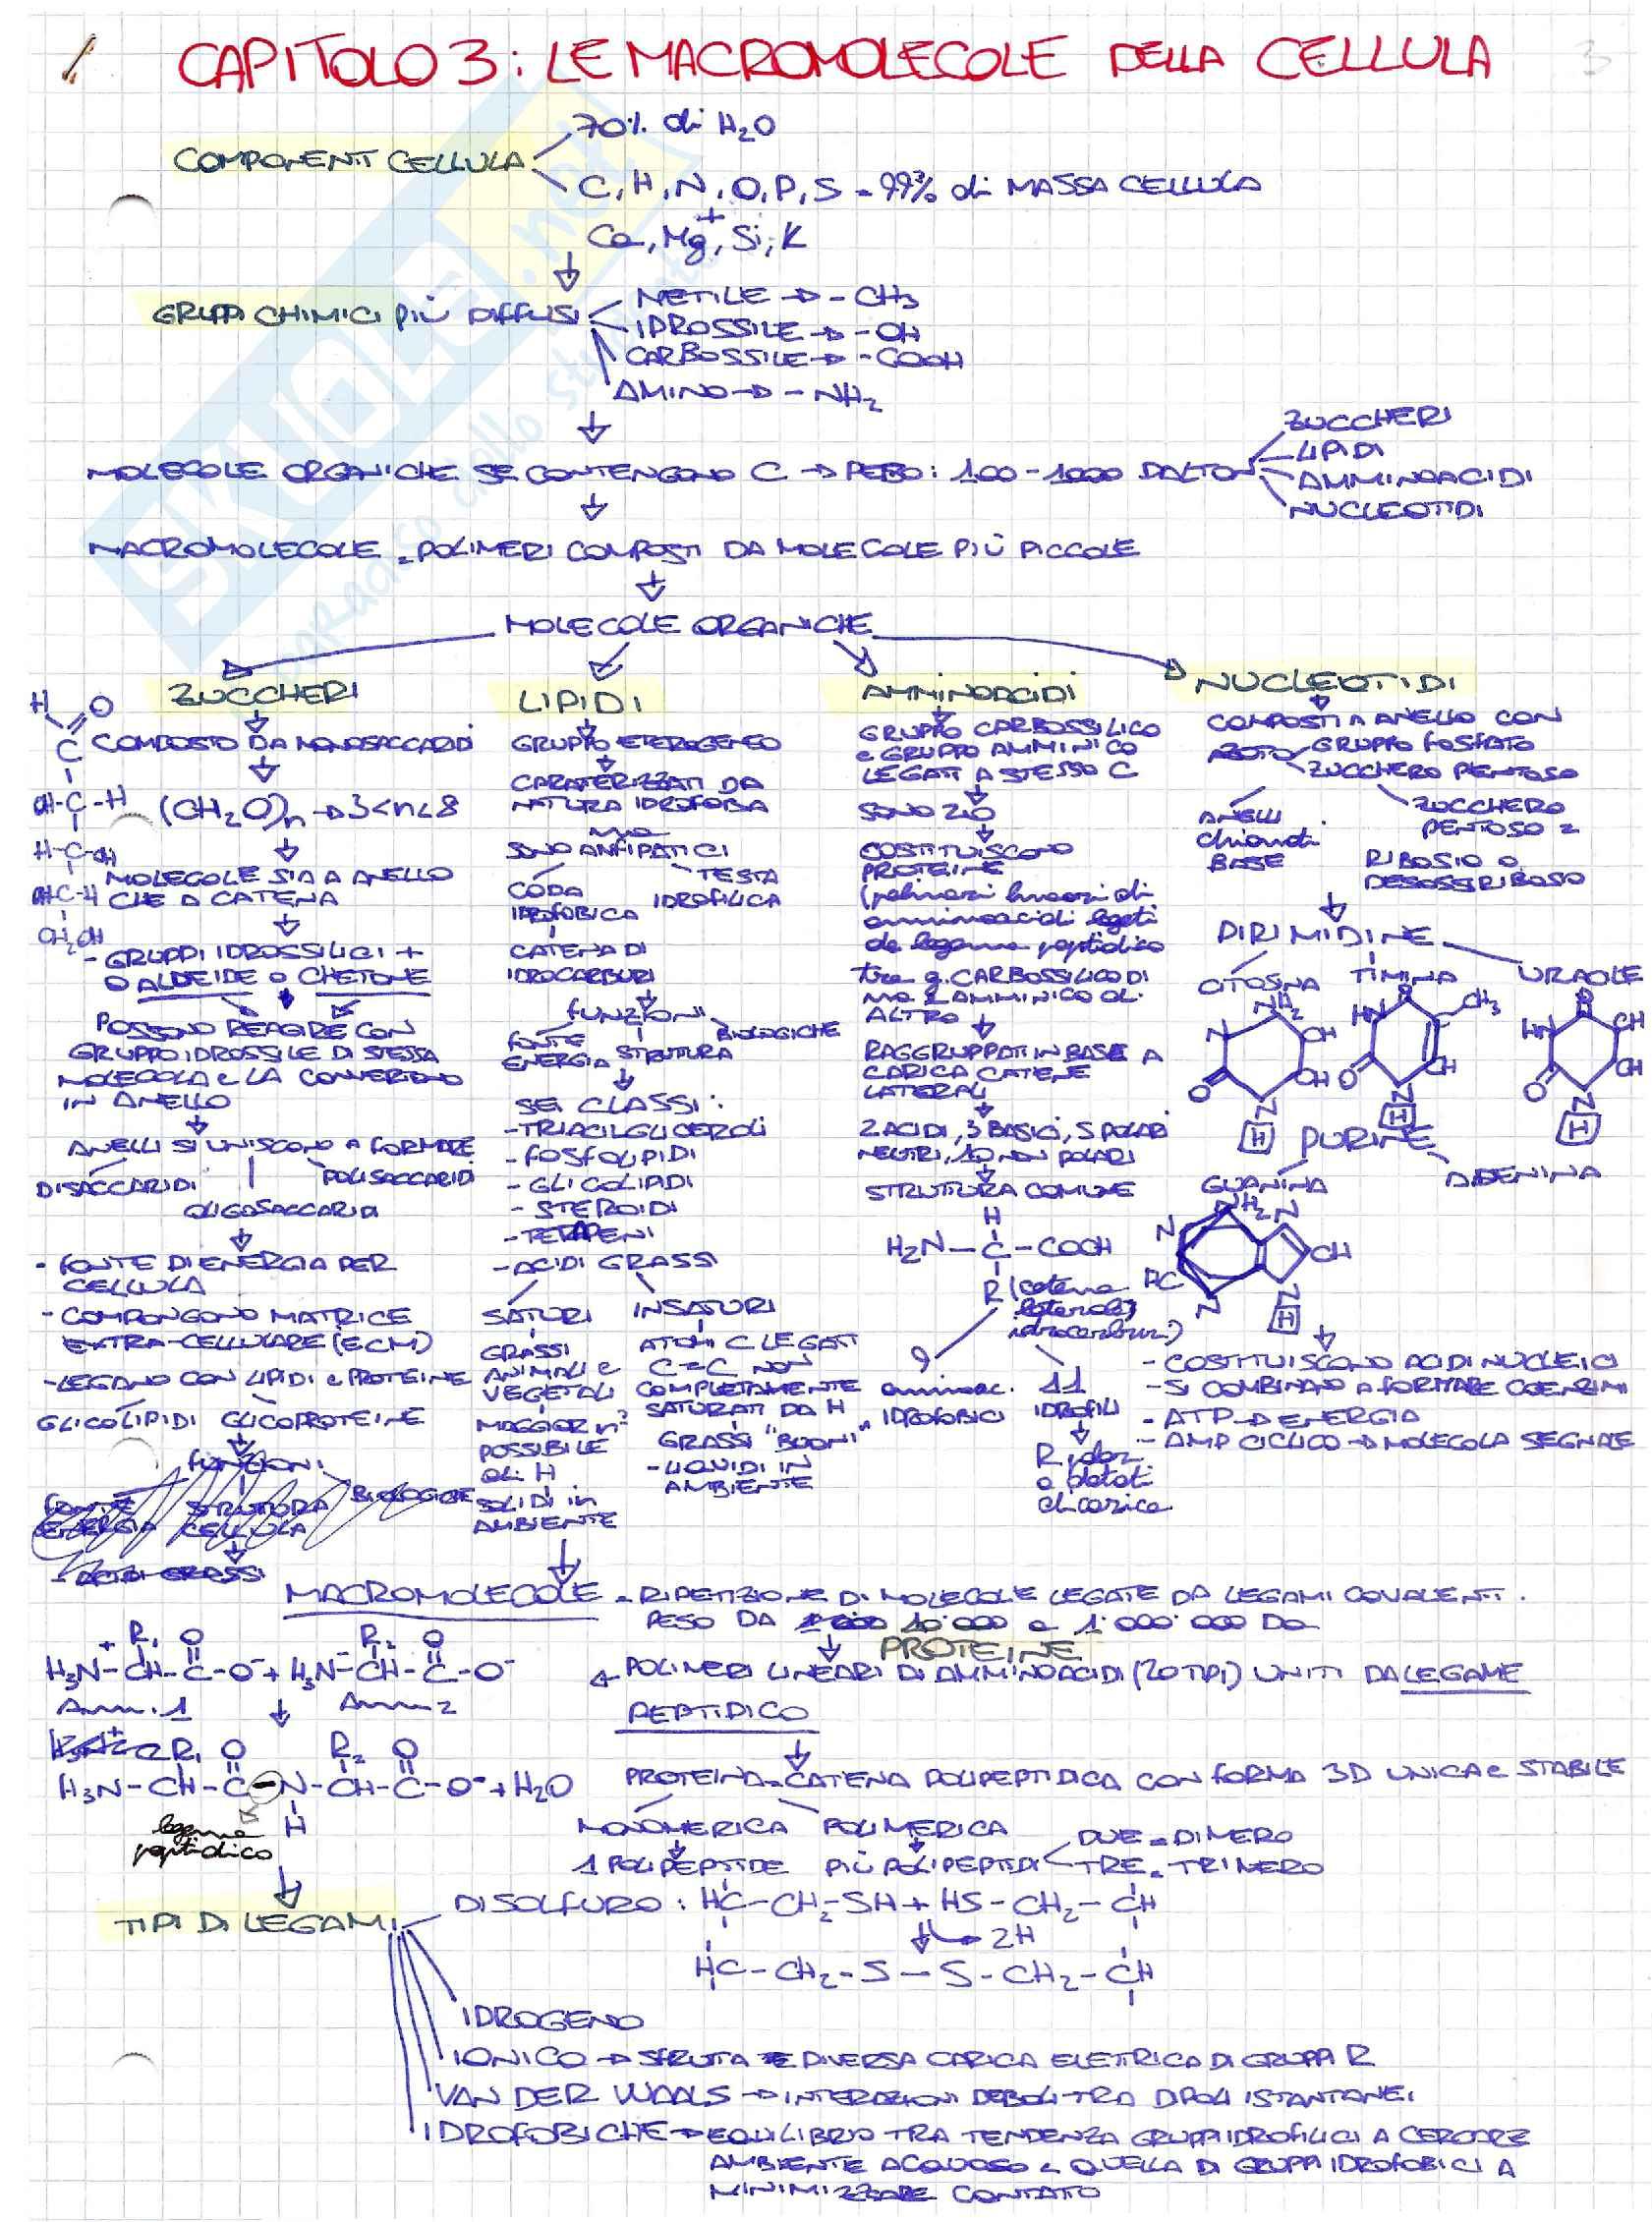 Schemi di biologia generale e cellulare per l'esame della prof. Patrizia Limonta sulle macromolecole fondamentali dal punto di vista biologico